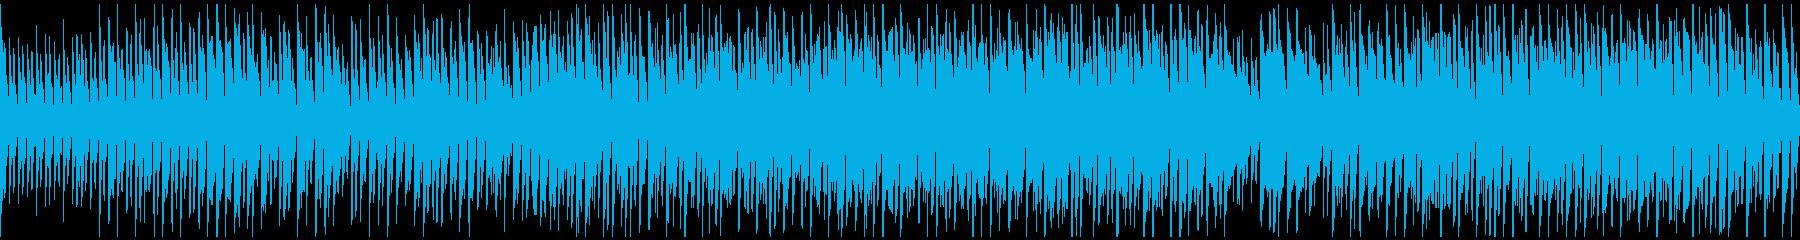 カートゥーン系のリコーダー劇伴※ループ版の再生済みの波形